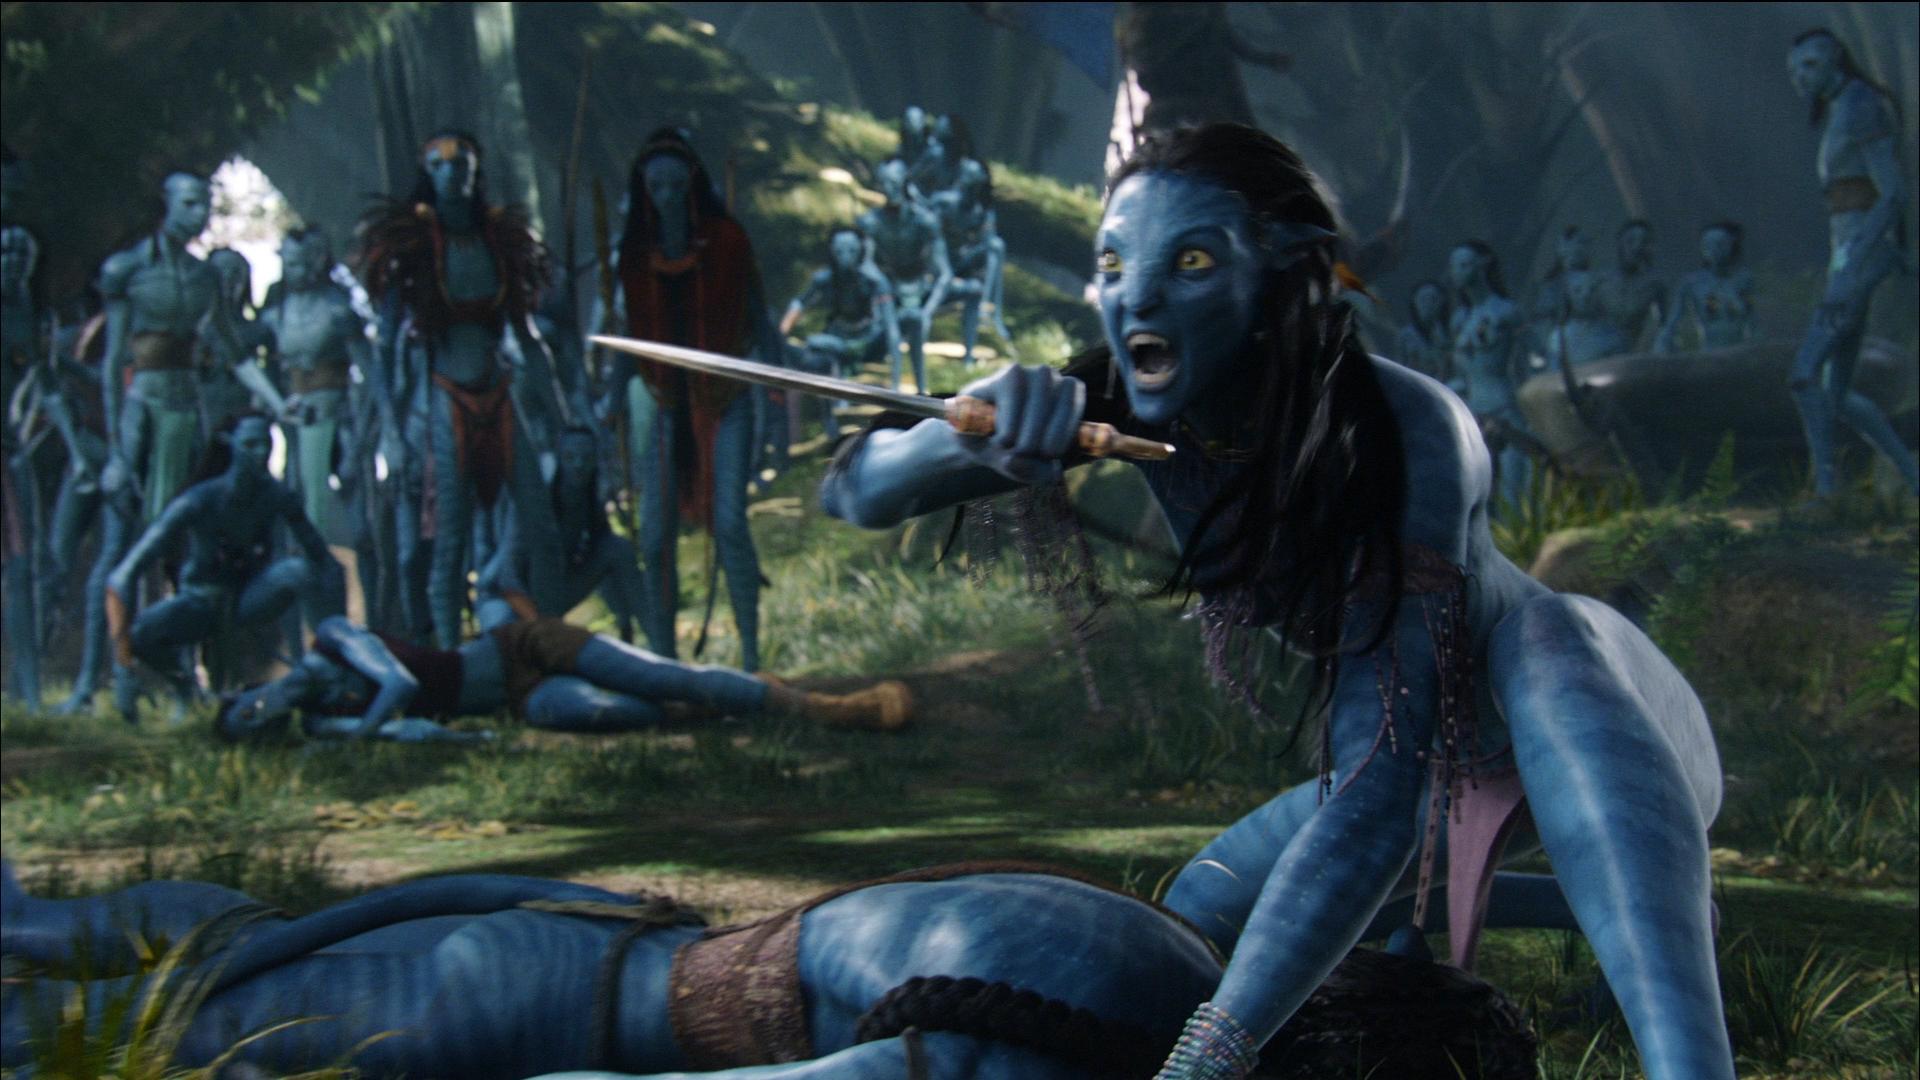 Neytiri - Avatar by Jake-Kot on DeviantArt